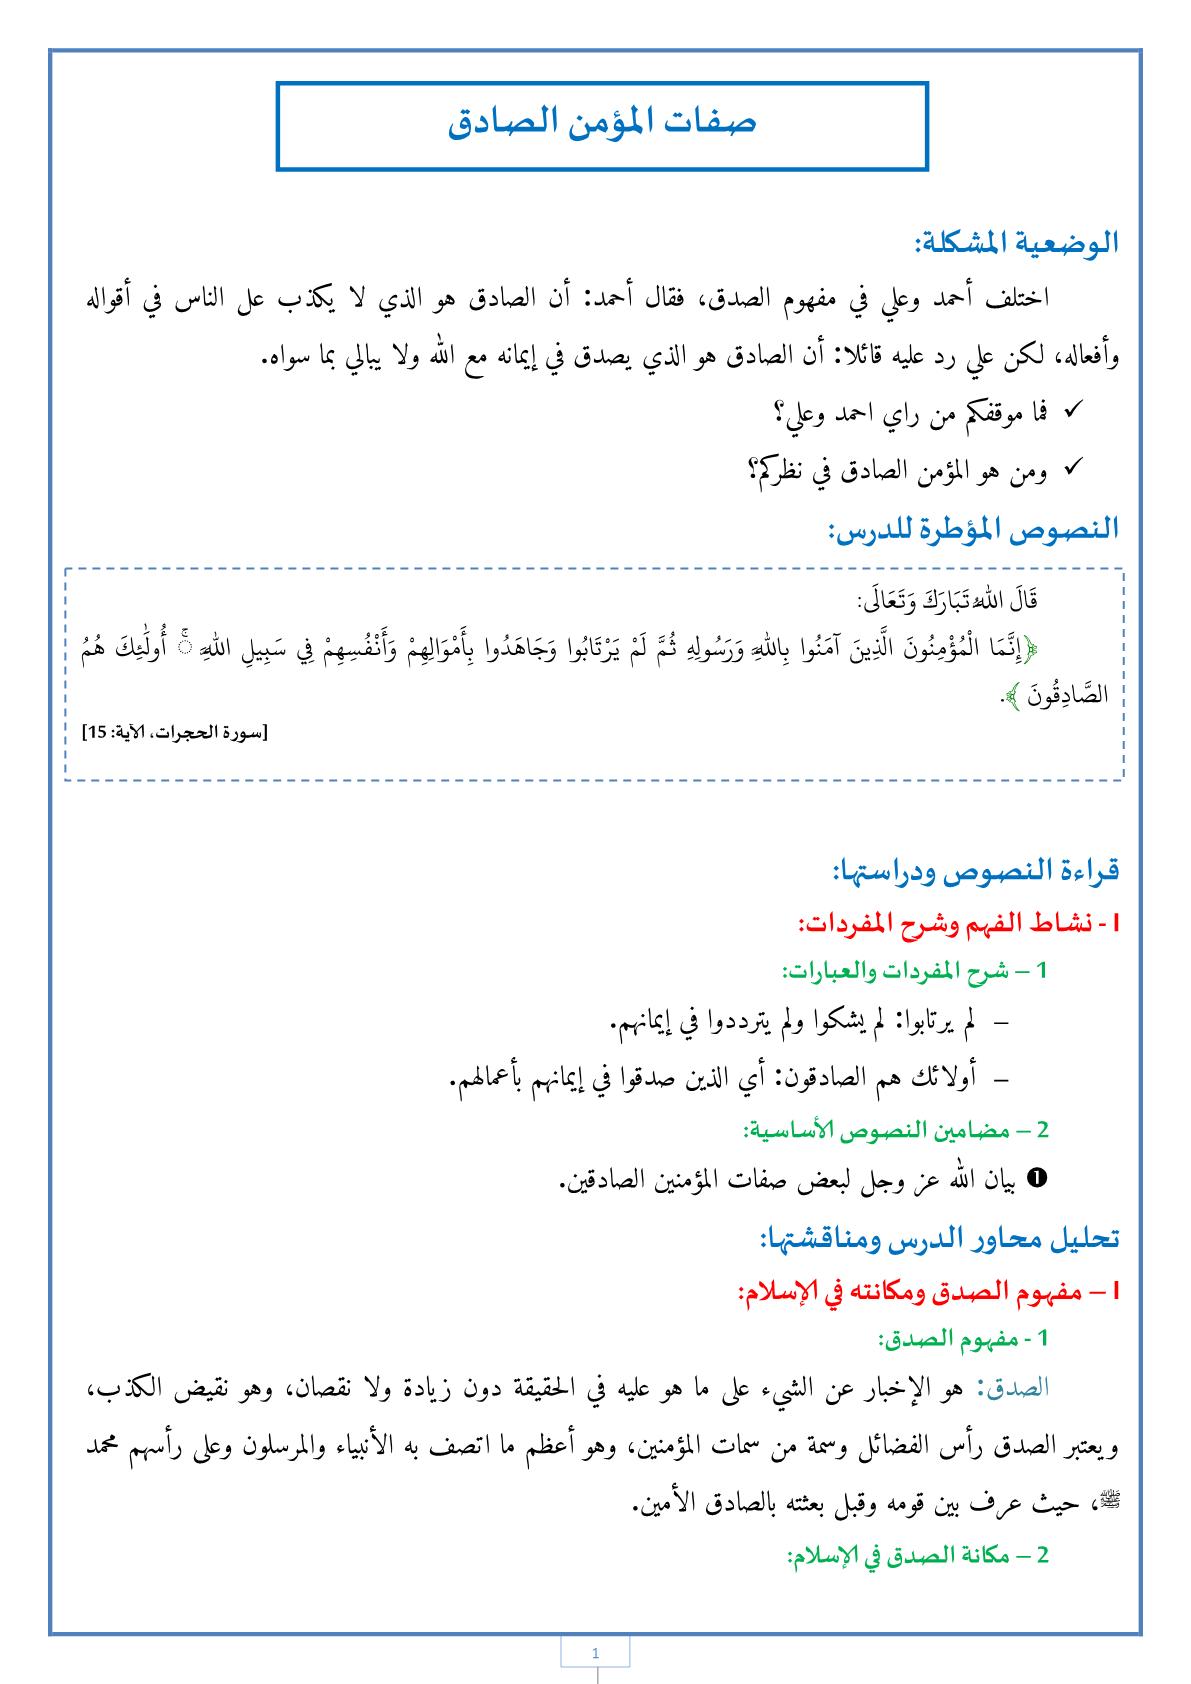 درس صفات المؤمن الصادق مادة التربية الإسلامية للسنة الثانية إعدادي